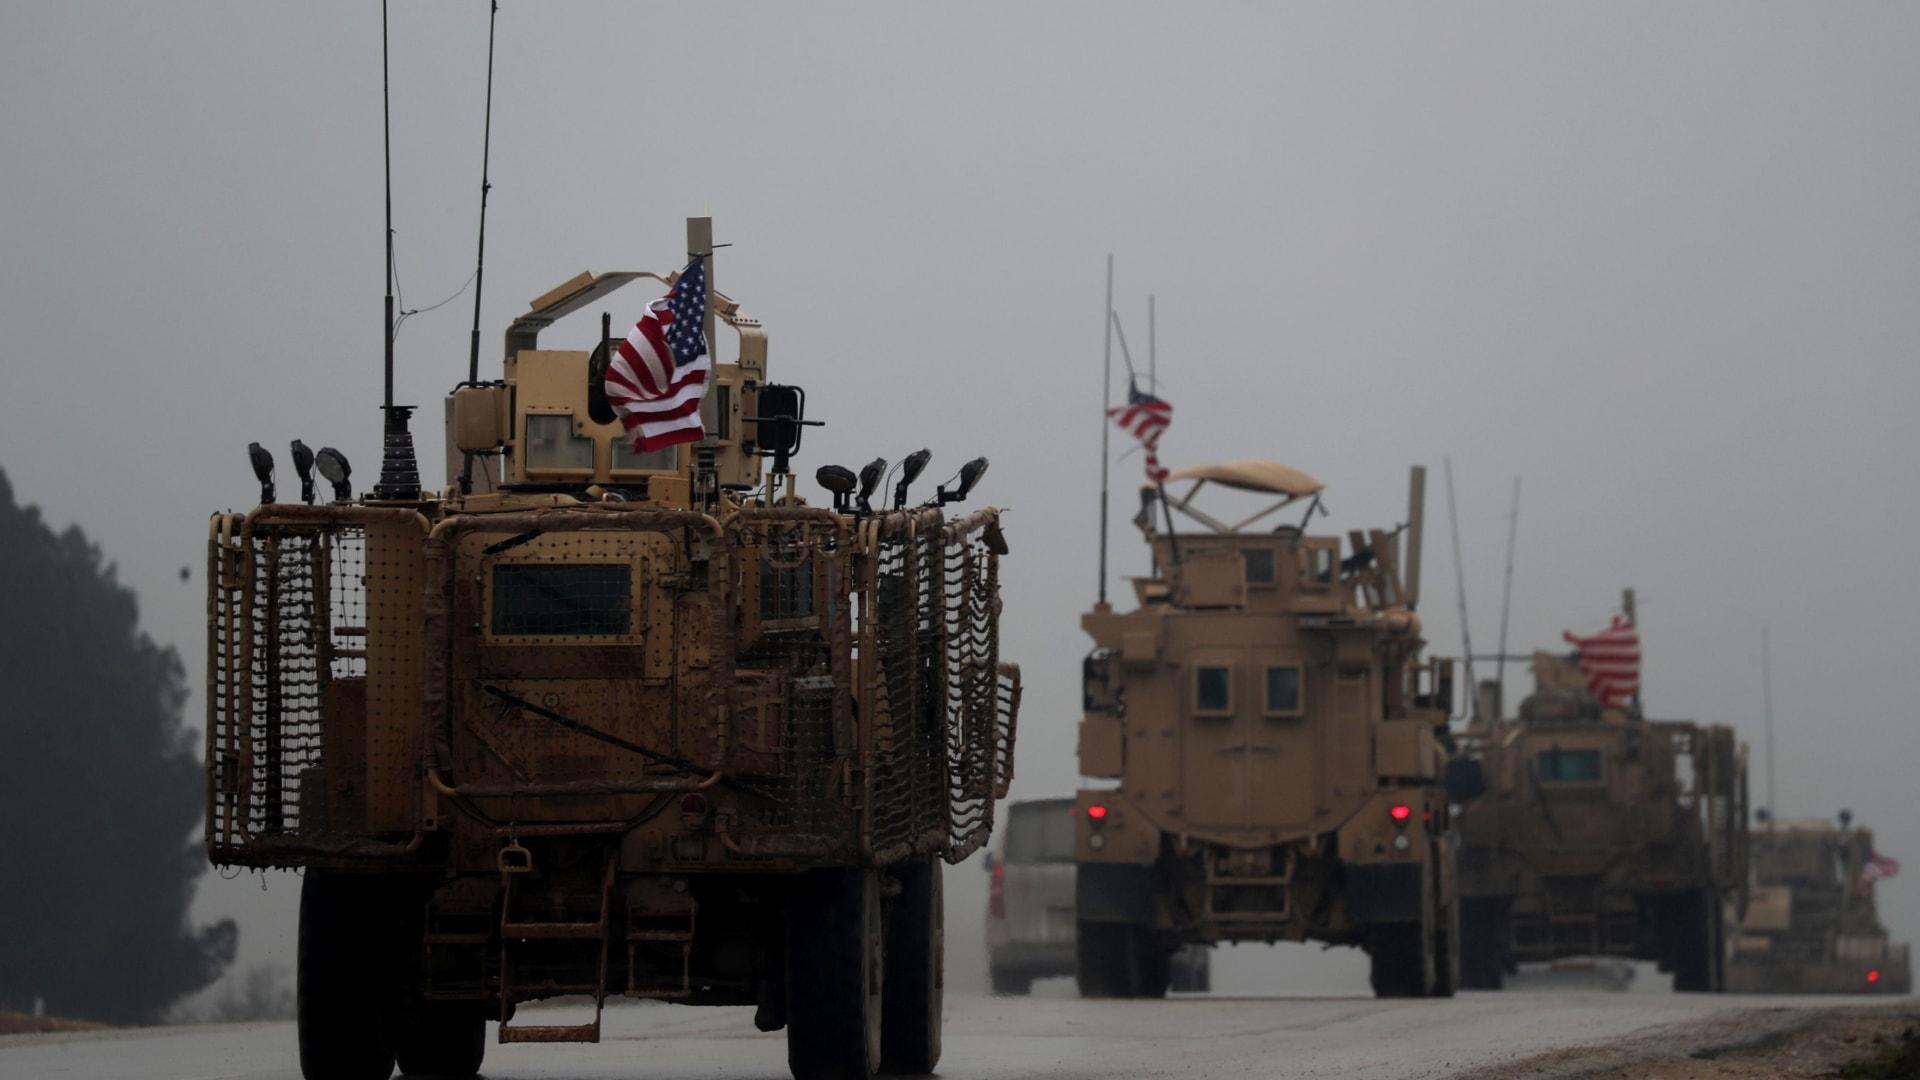 مشاهد حصرية للقاعدة الأمريكية الجديدة في منبج